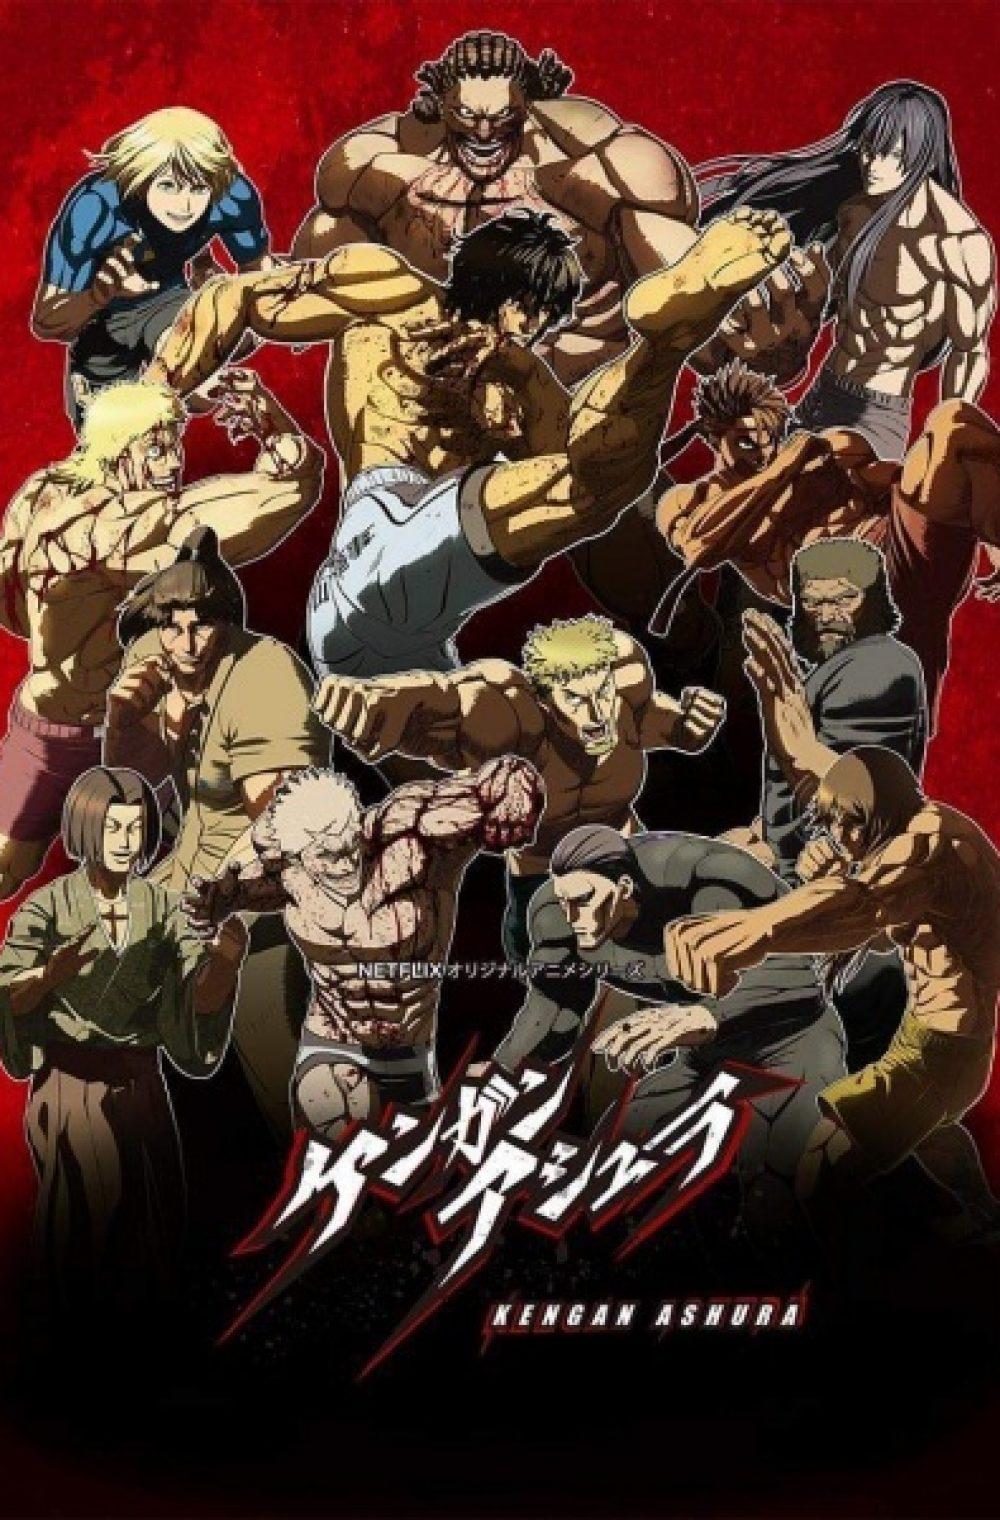 Kengan Ashura Season 2